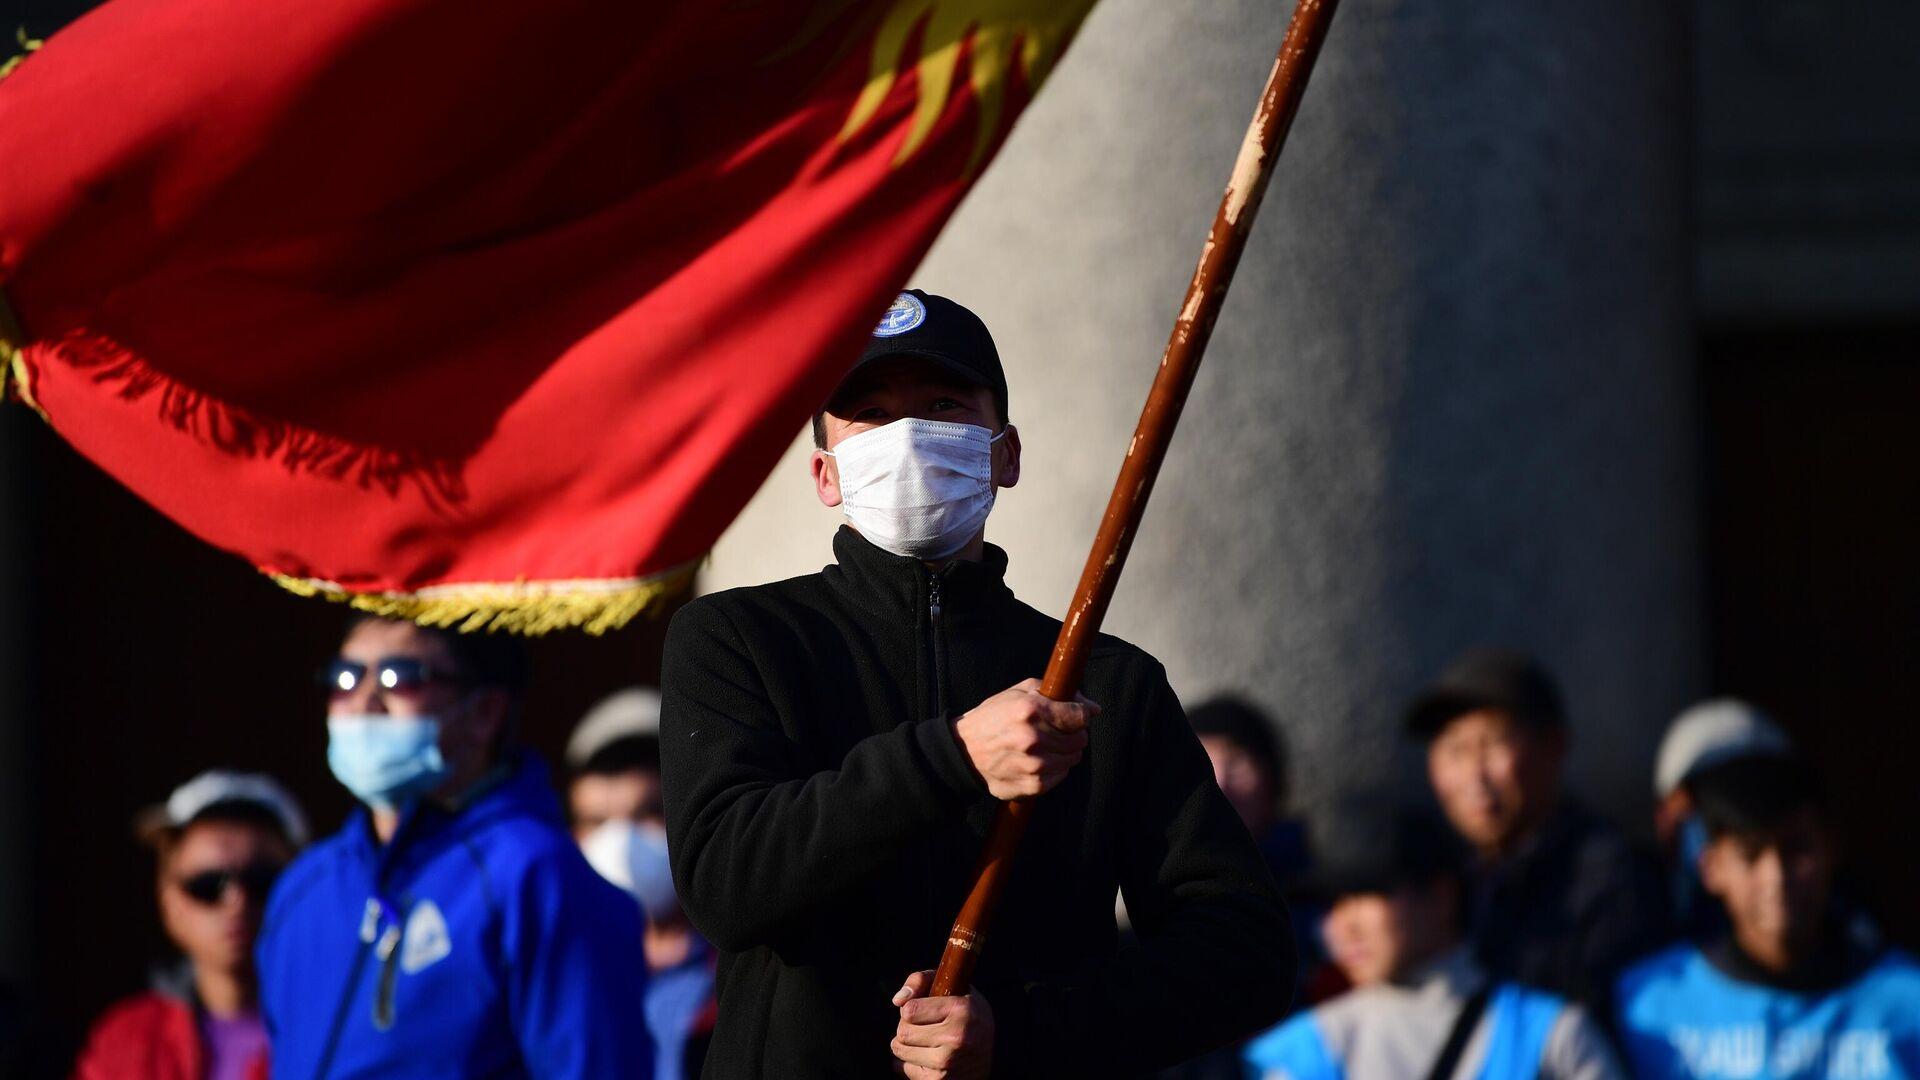 Участники митинга на Старой площади в Бишкеке - РИА Новости, 1920, 22.11.2020